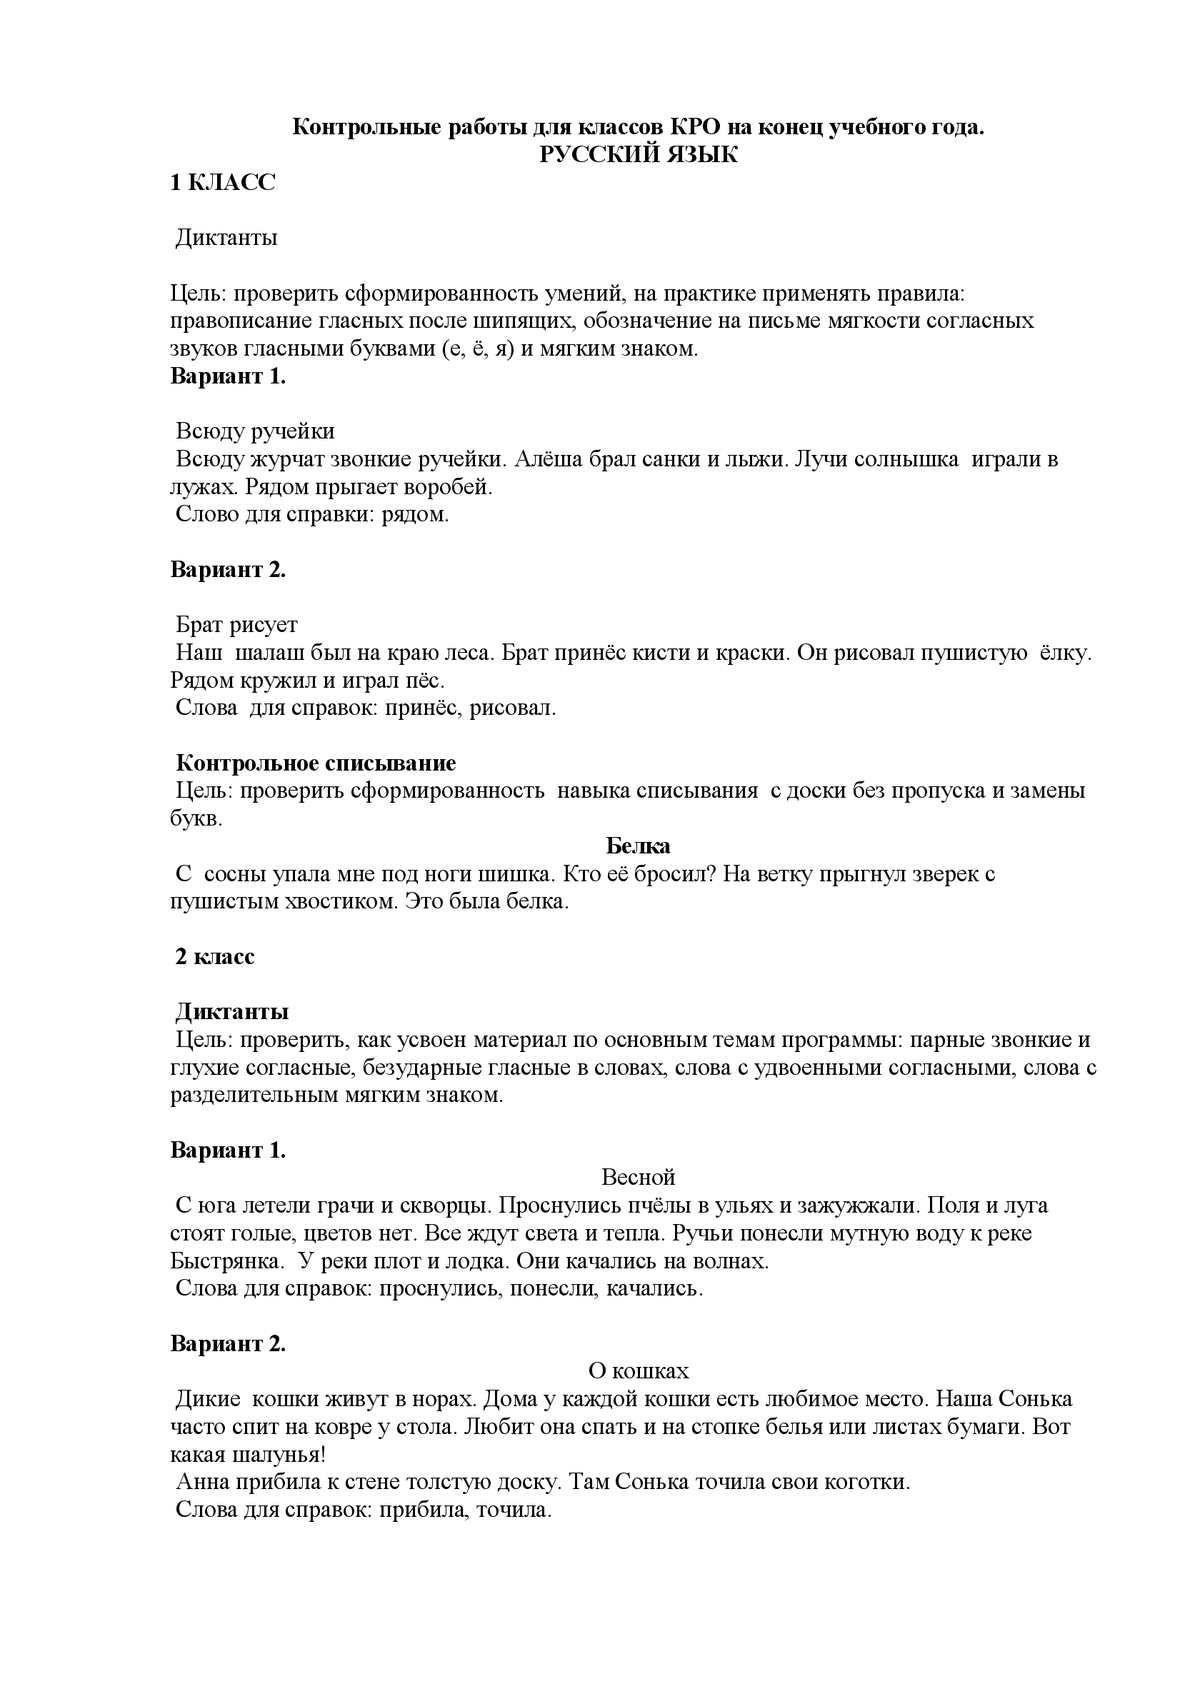 Поурочные планы в 1-4 классы 2 школа россии